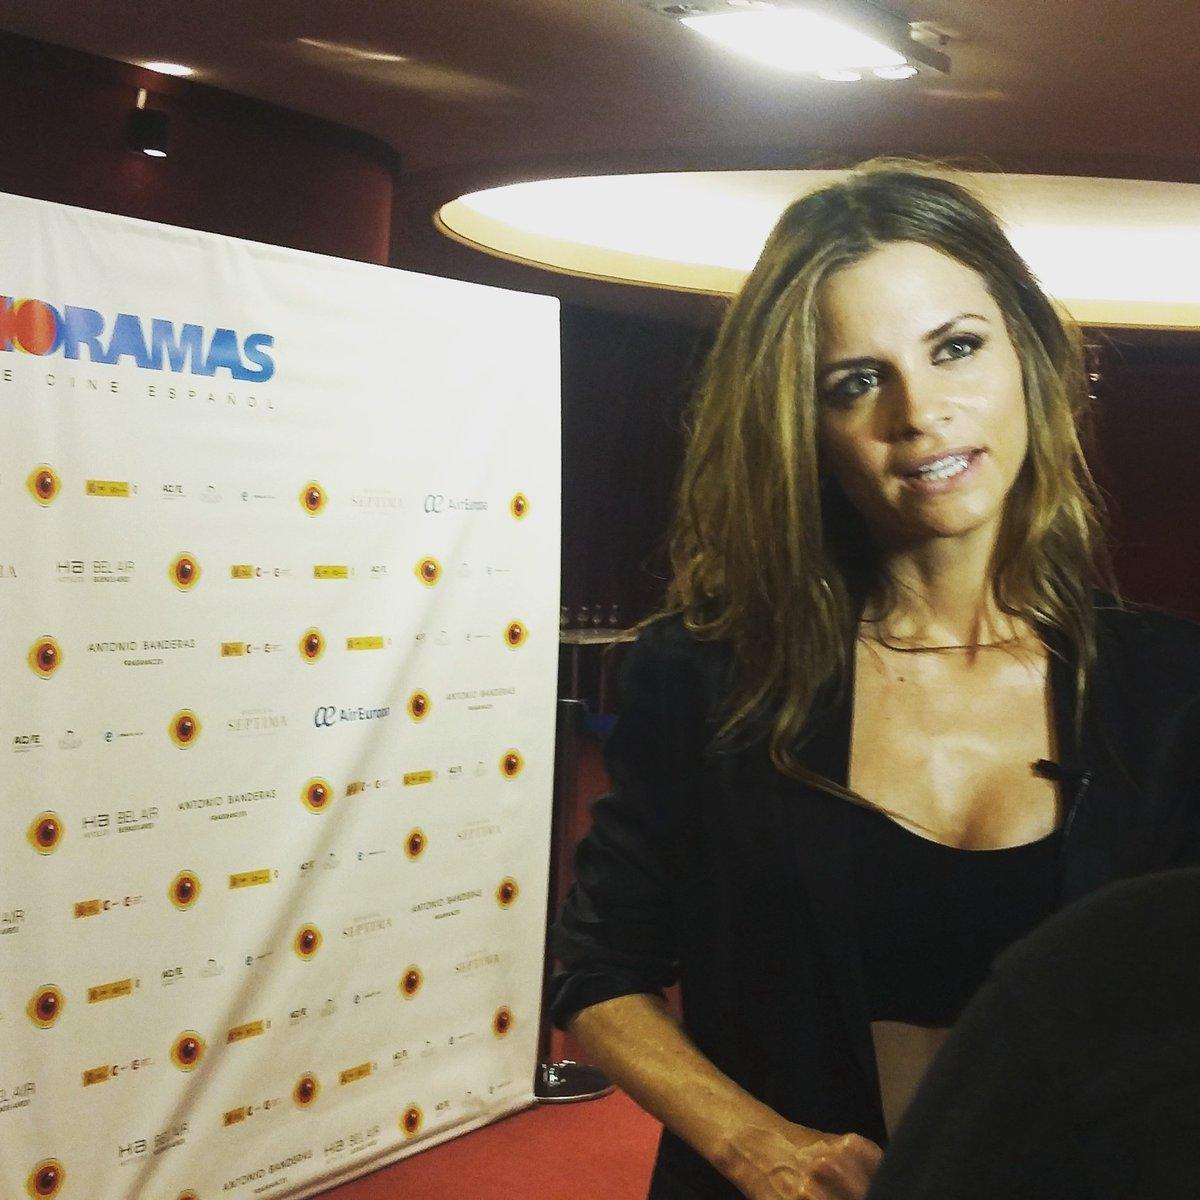 Inauguramos #Espanoramas con @PaulaCancio3 en el #cine #Gaumont @espaciosincaa https://t.co/lcfqfSFe9n